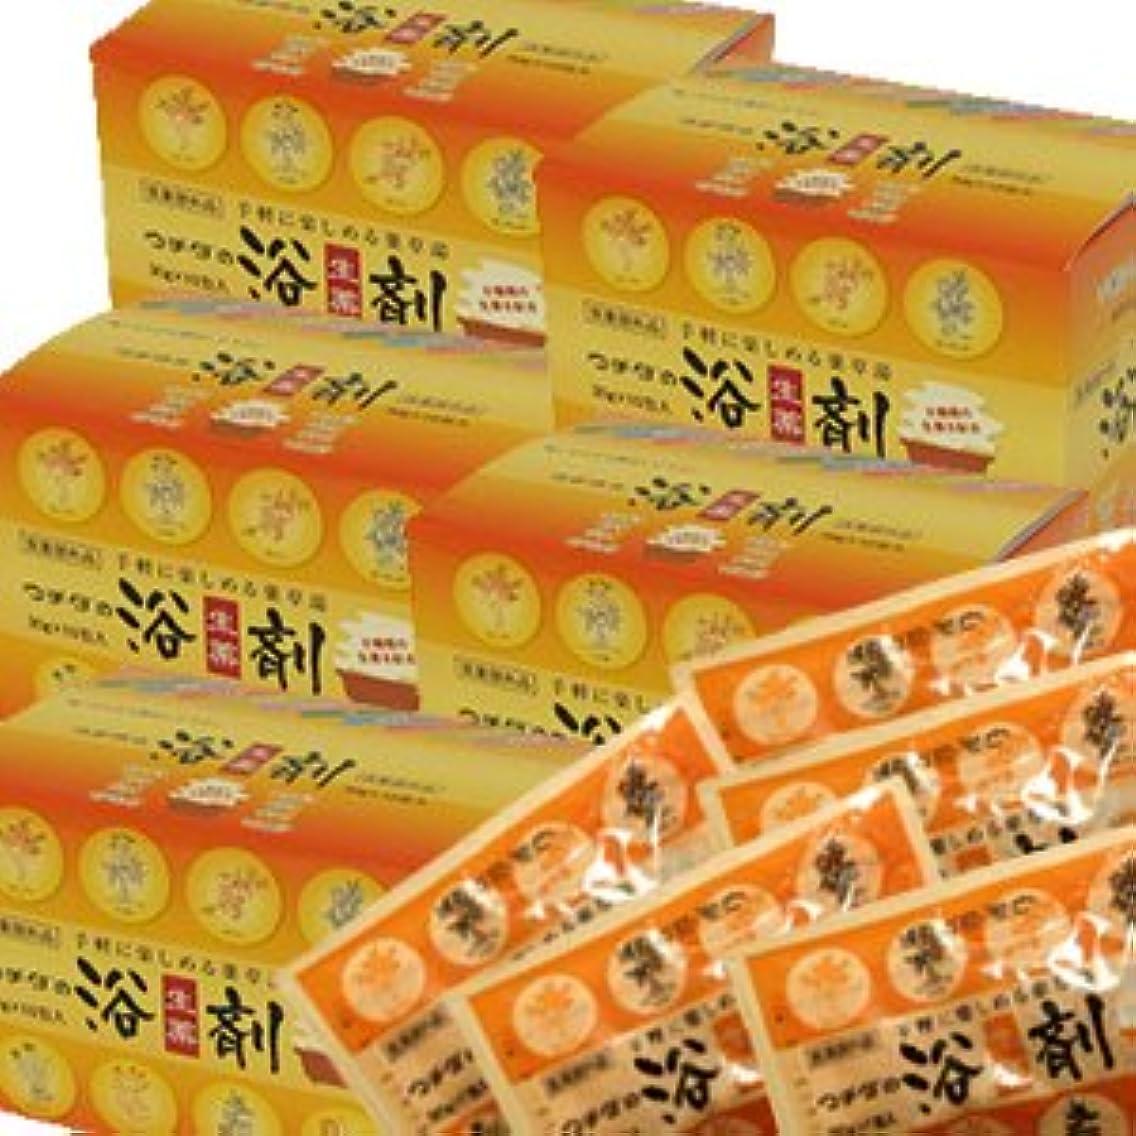 目指す社交的経歴【5箱50包+10包】 ウチダの浴剤 30g×10包入×5個(50包)+10包おまけ付き